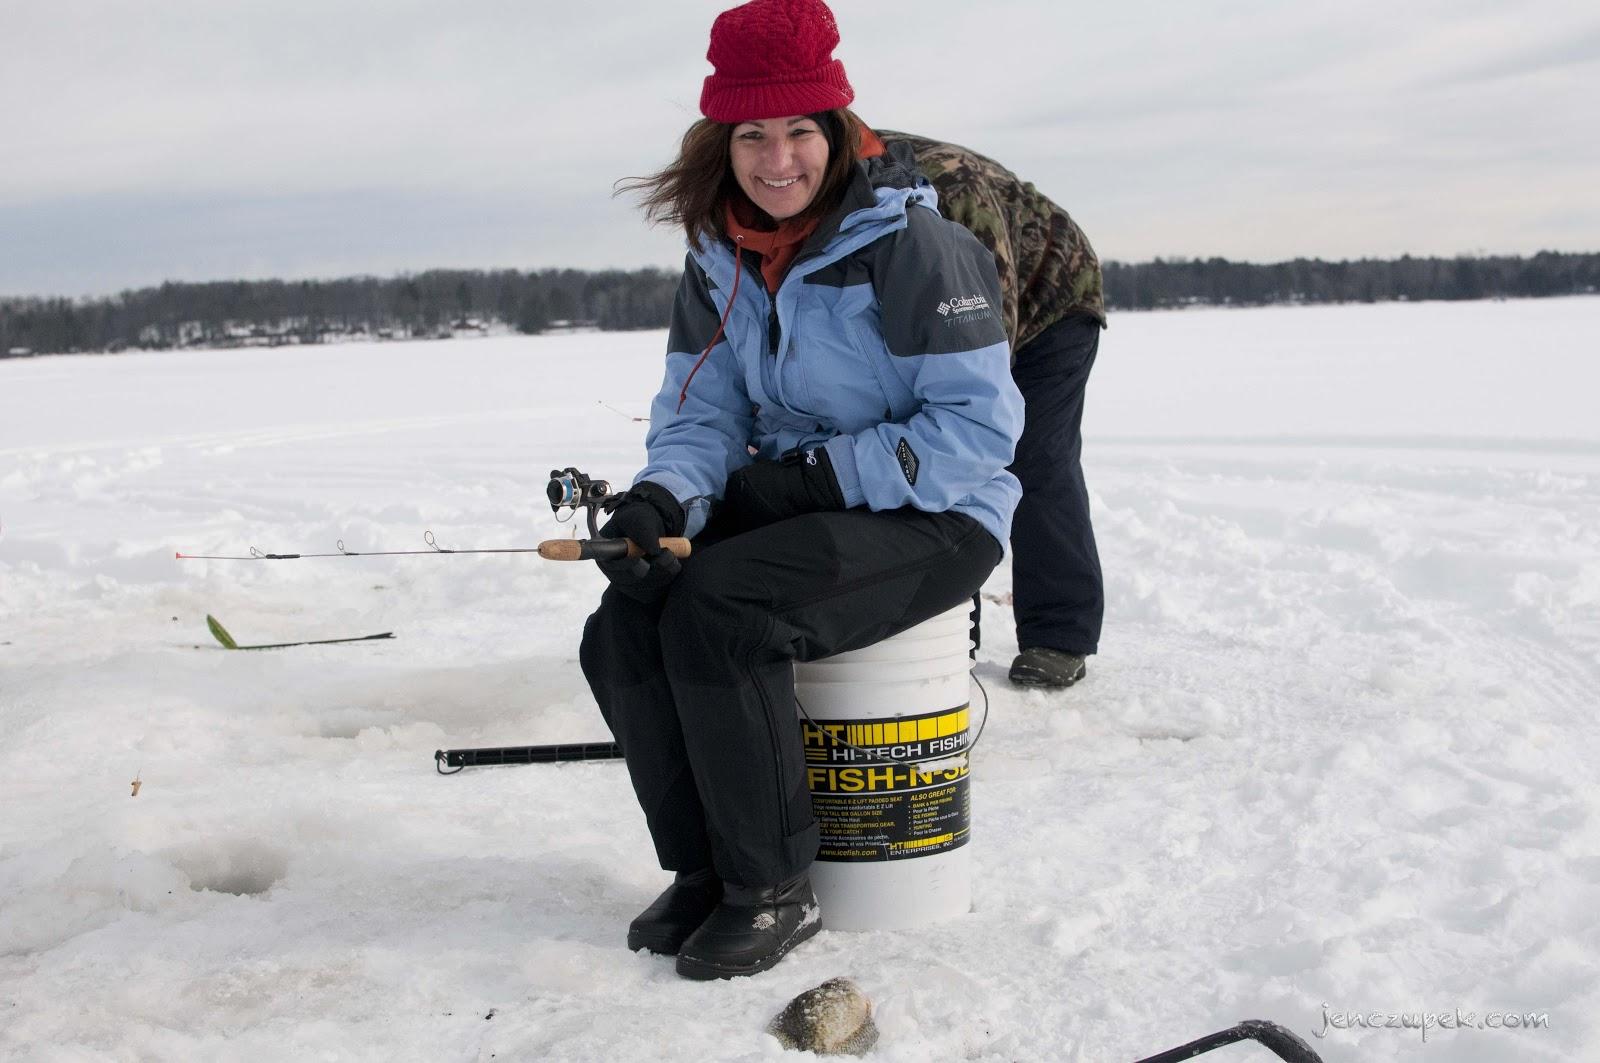 Ice fishing girls - photo#28